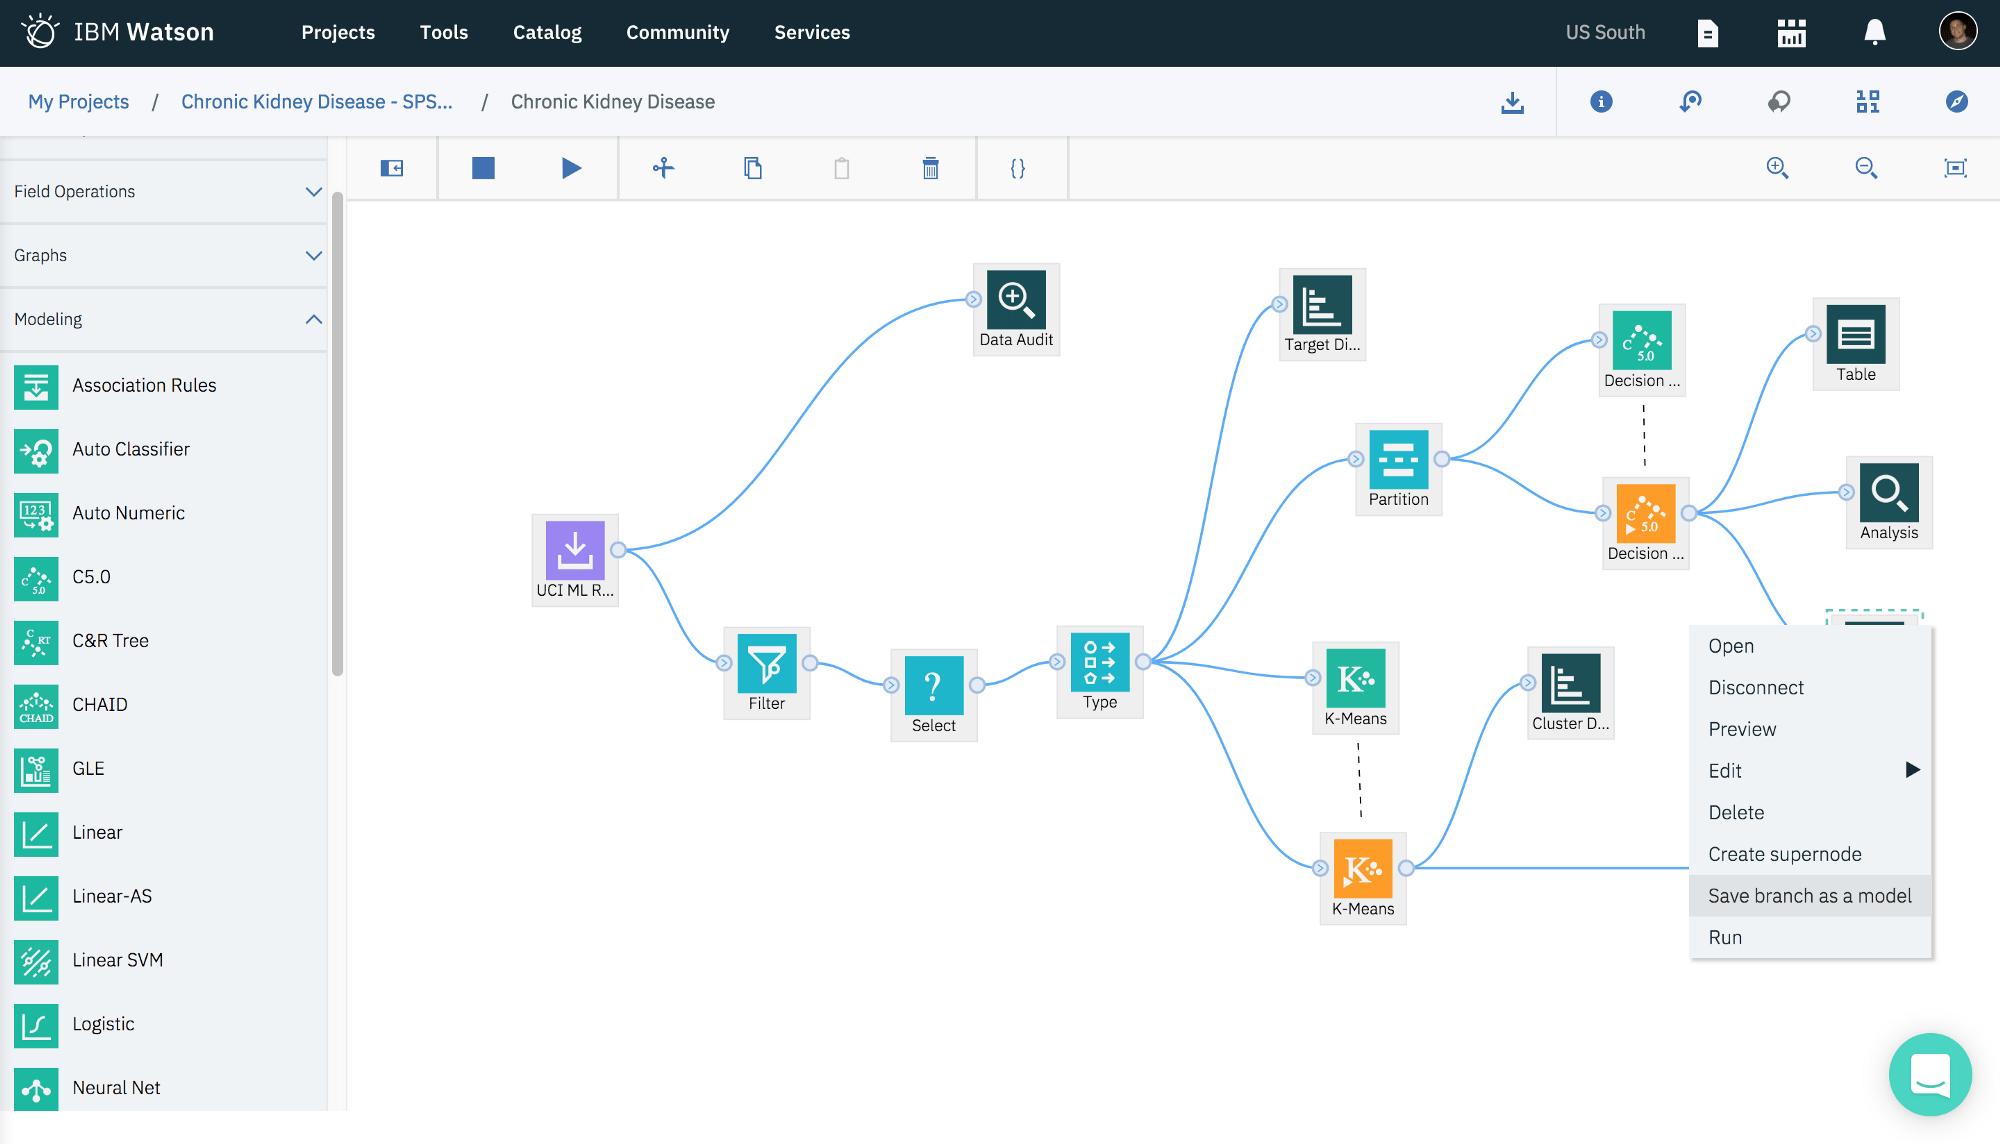 IBM SPSS® Modeler